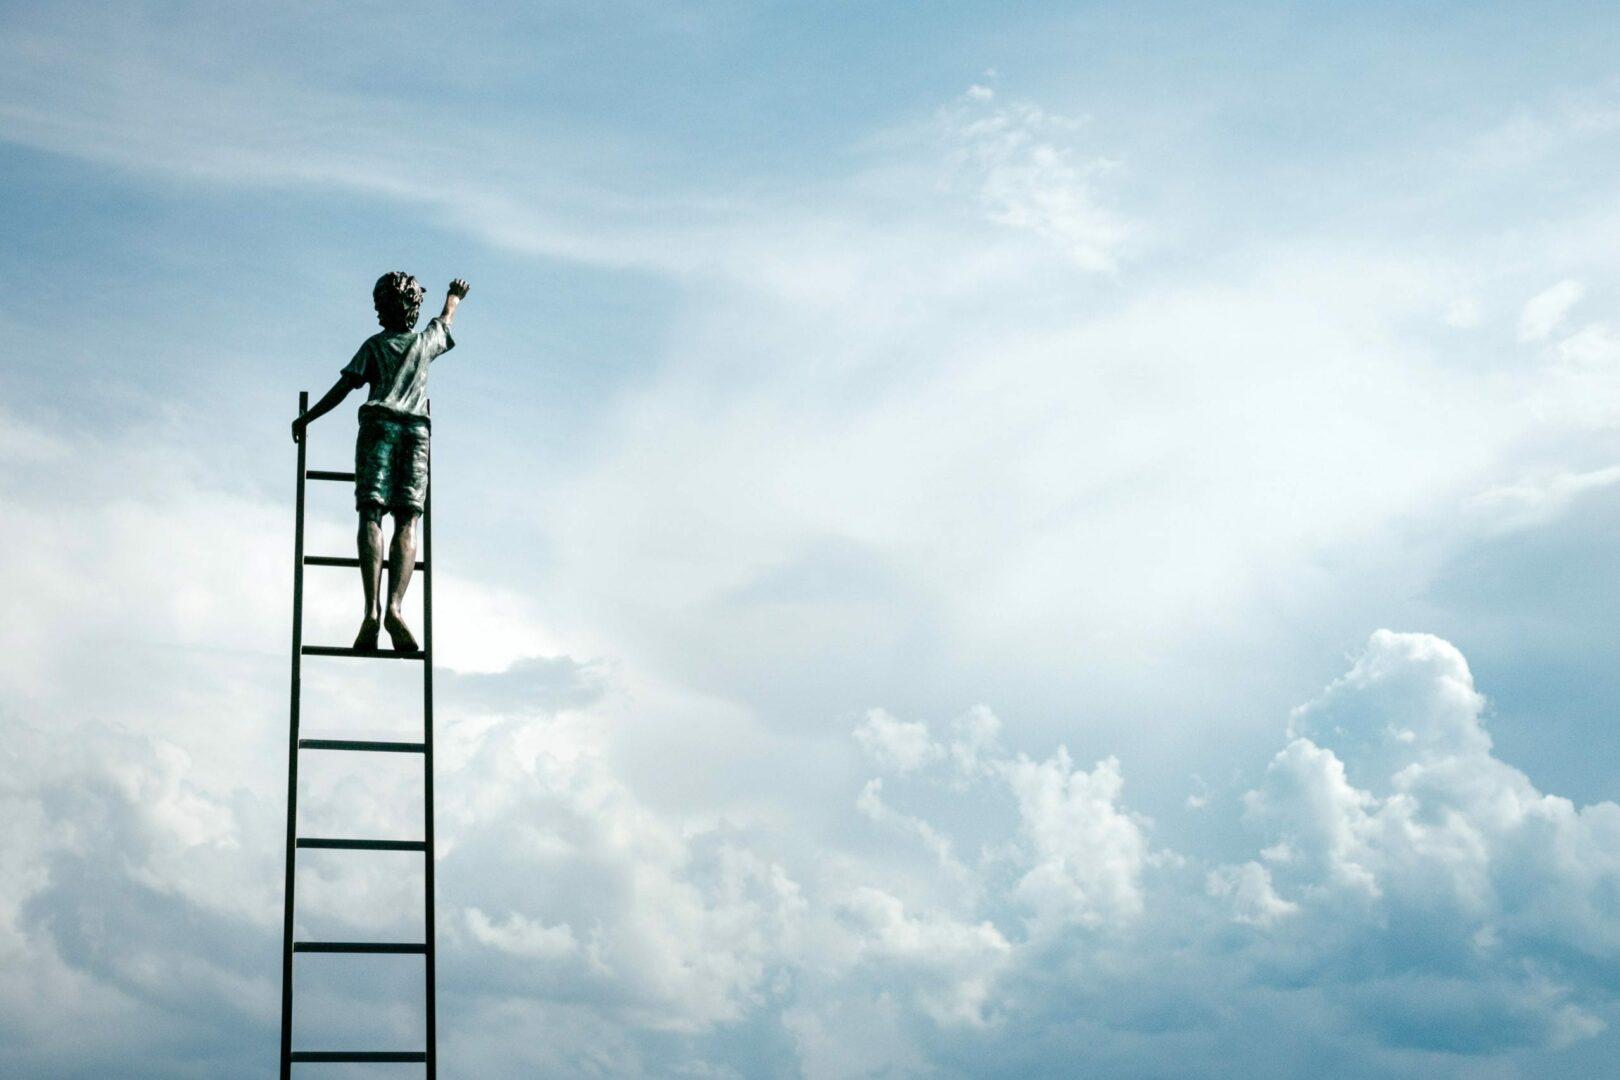 Boy climbing latter